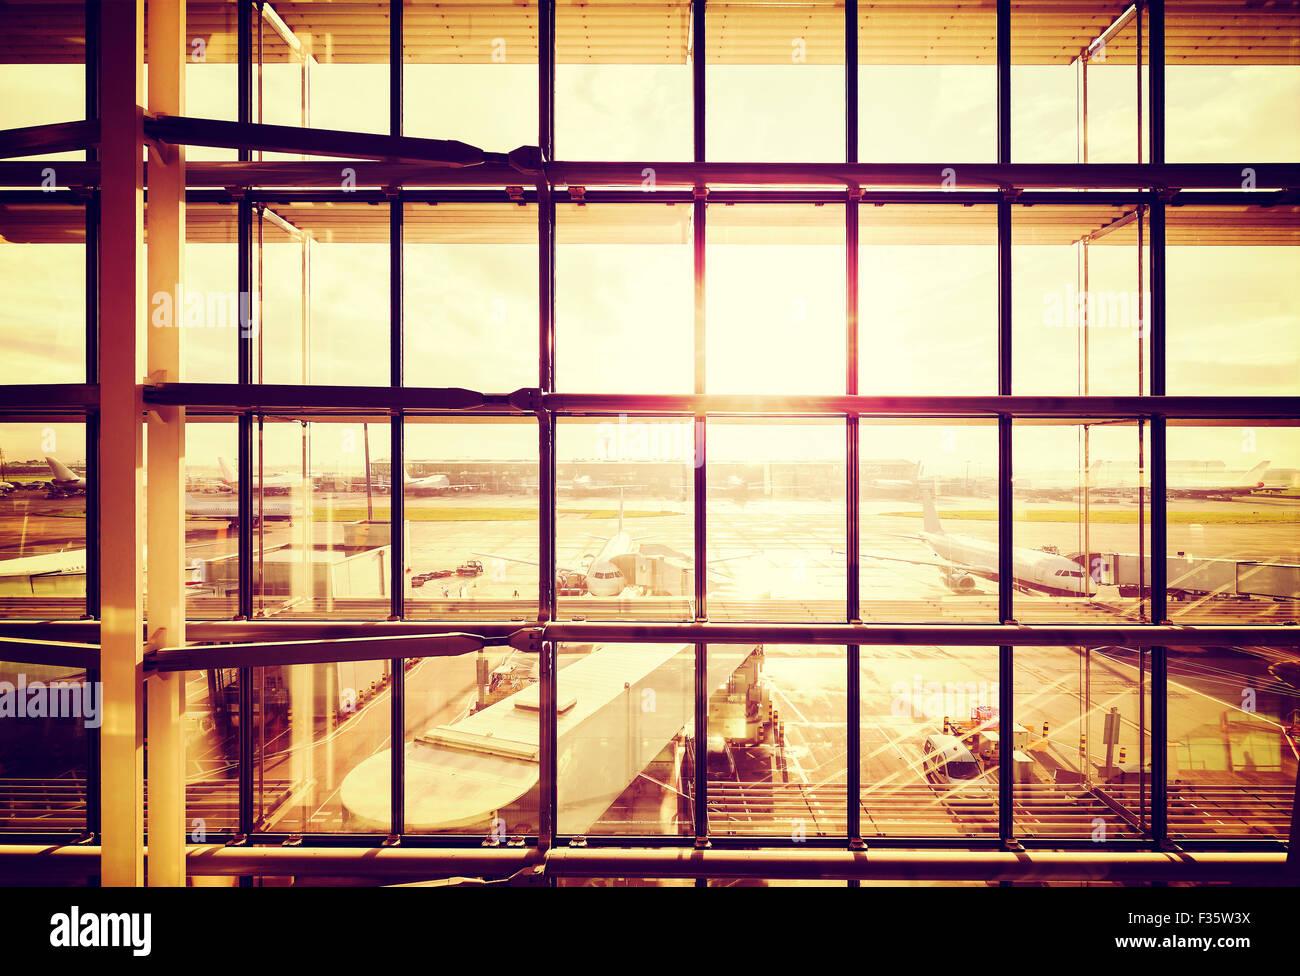 Vintage filtran foto de un aeropuerto, el transporte y los viajes de negocios concepto. Imagen De Stock